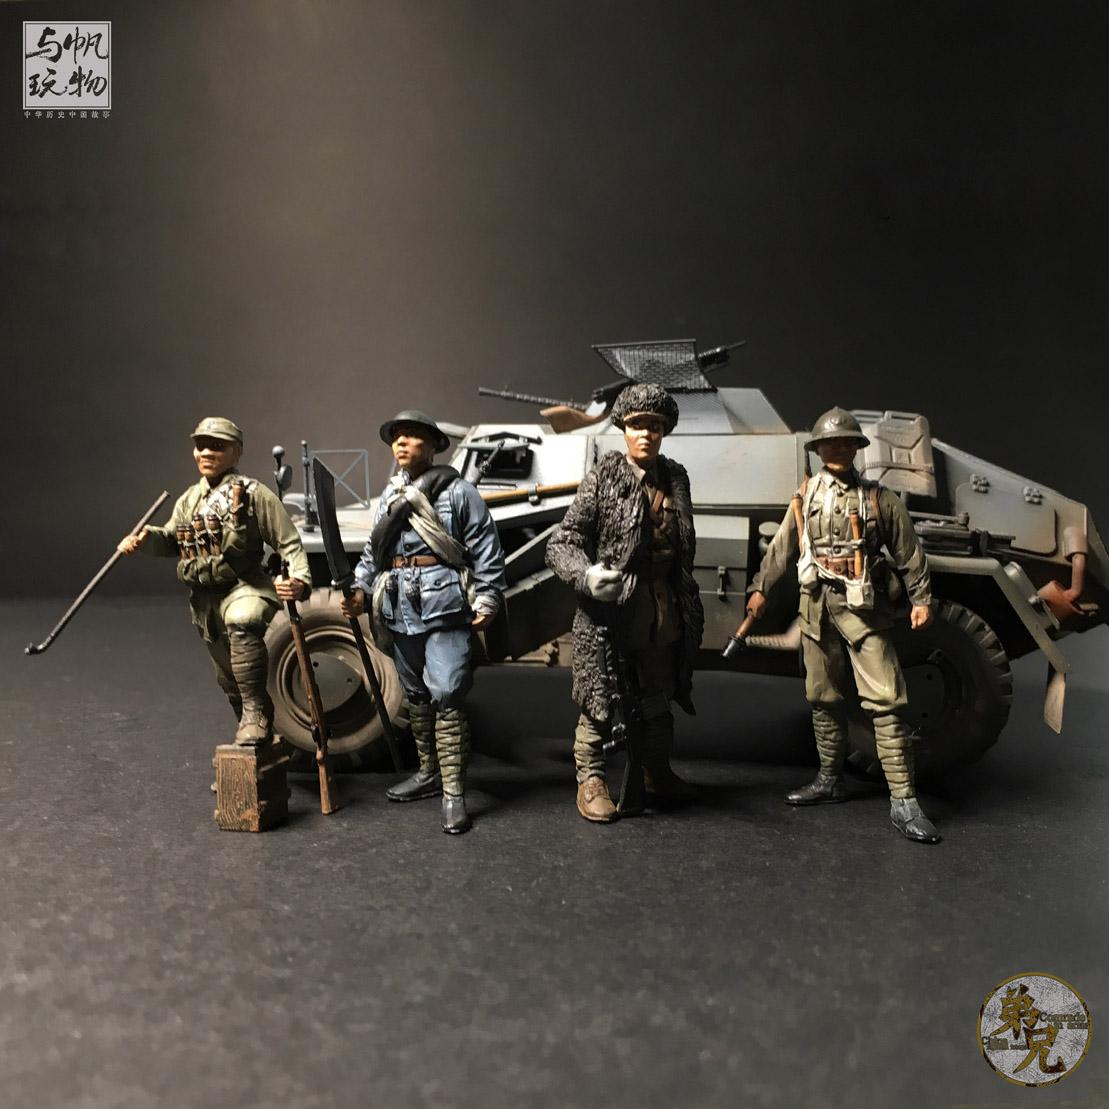 兵人模型吧_新款军事抗战二战兵人模型沙盘